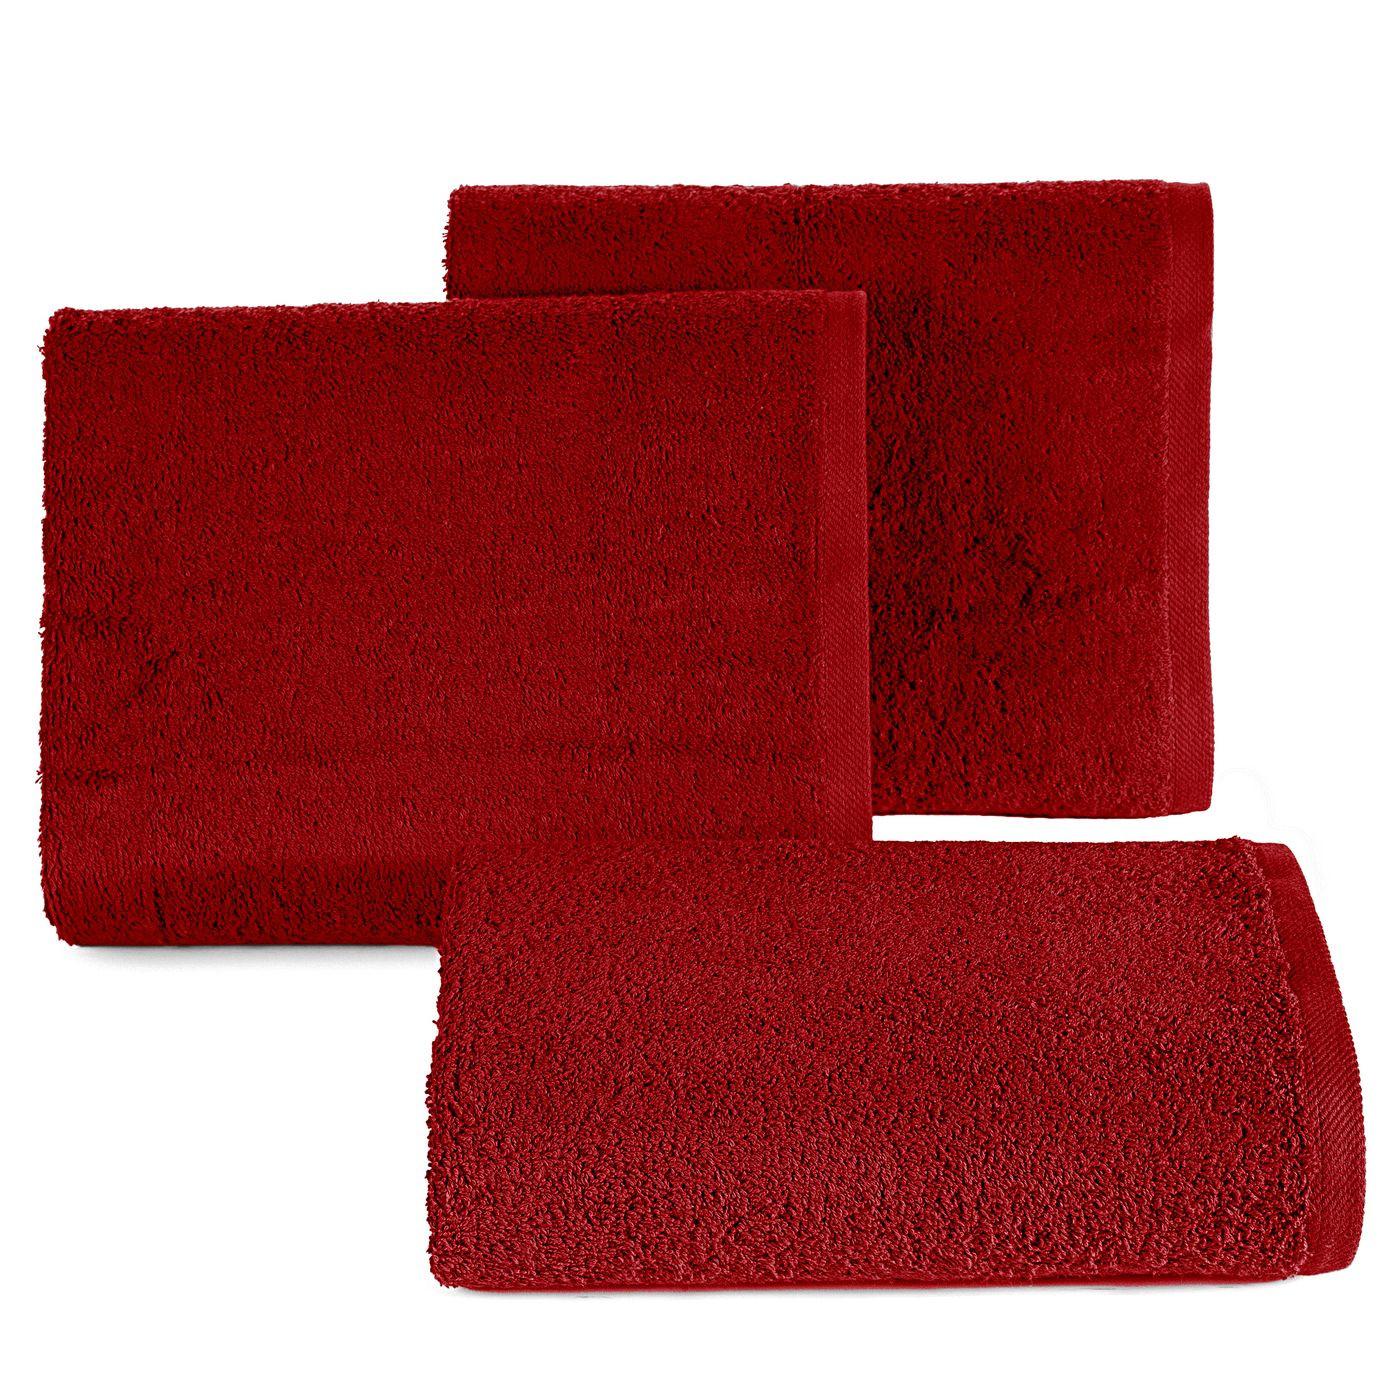 Ręcznik bawełniany gładki bordowy 50x90 cm